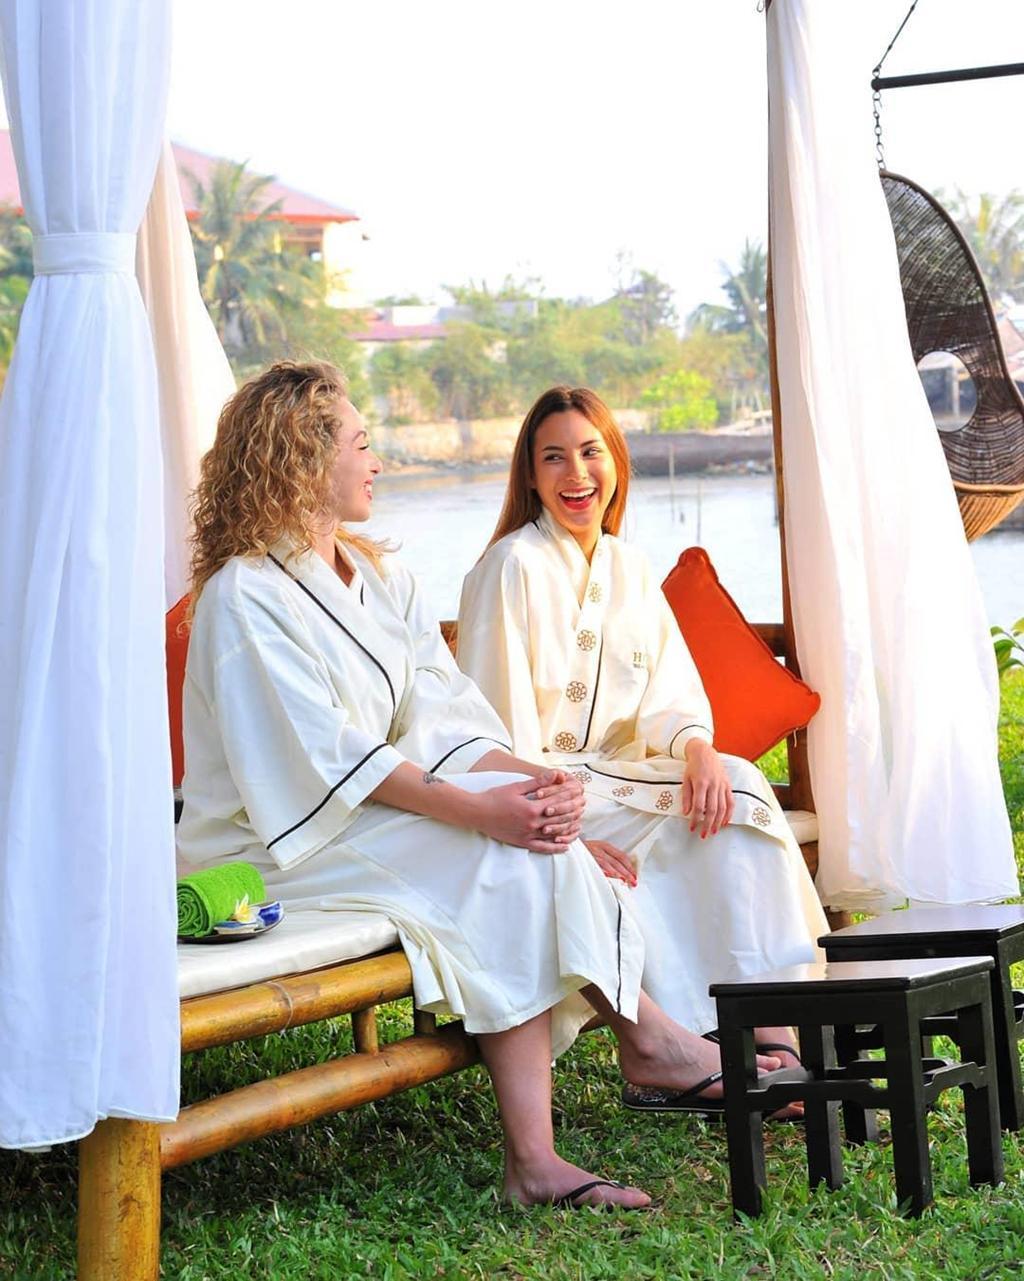 10 khách sạn, resort đẳng cấp 4 sao tốt nhất Việt Nam 2019 Ảnh 5